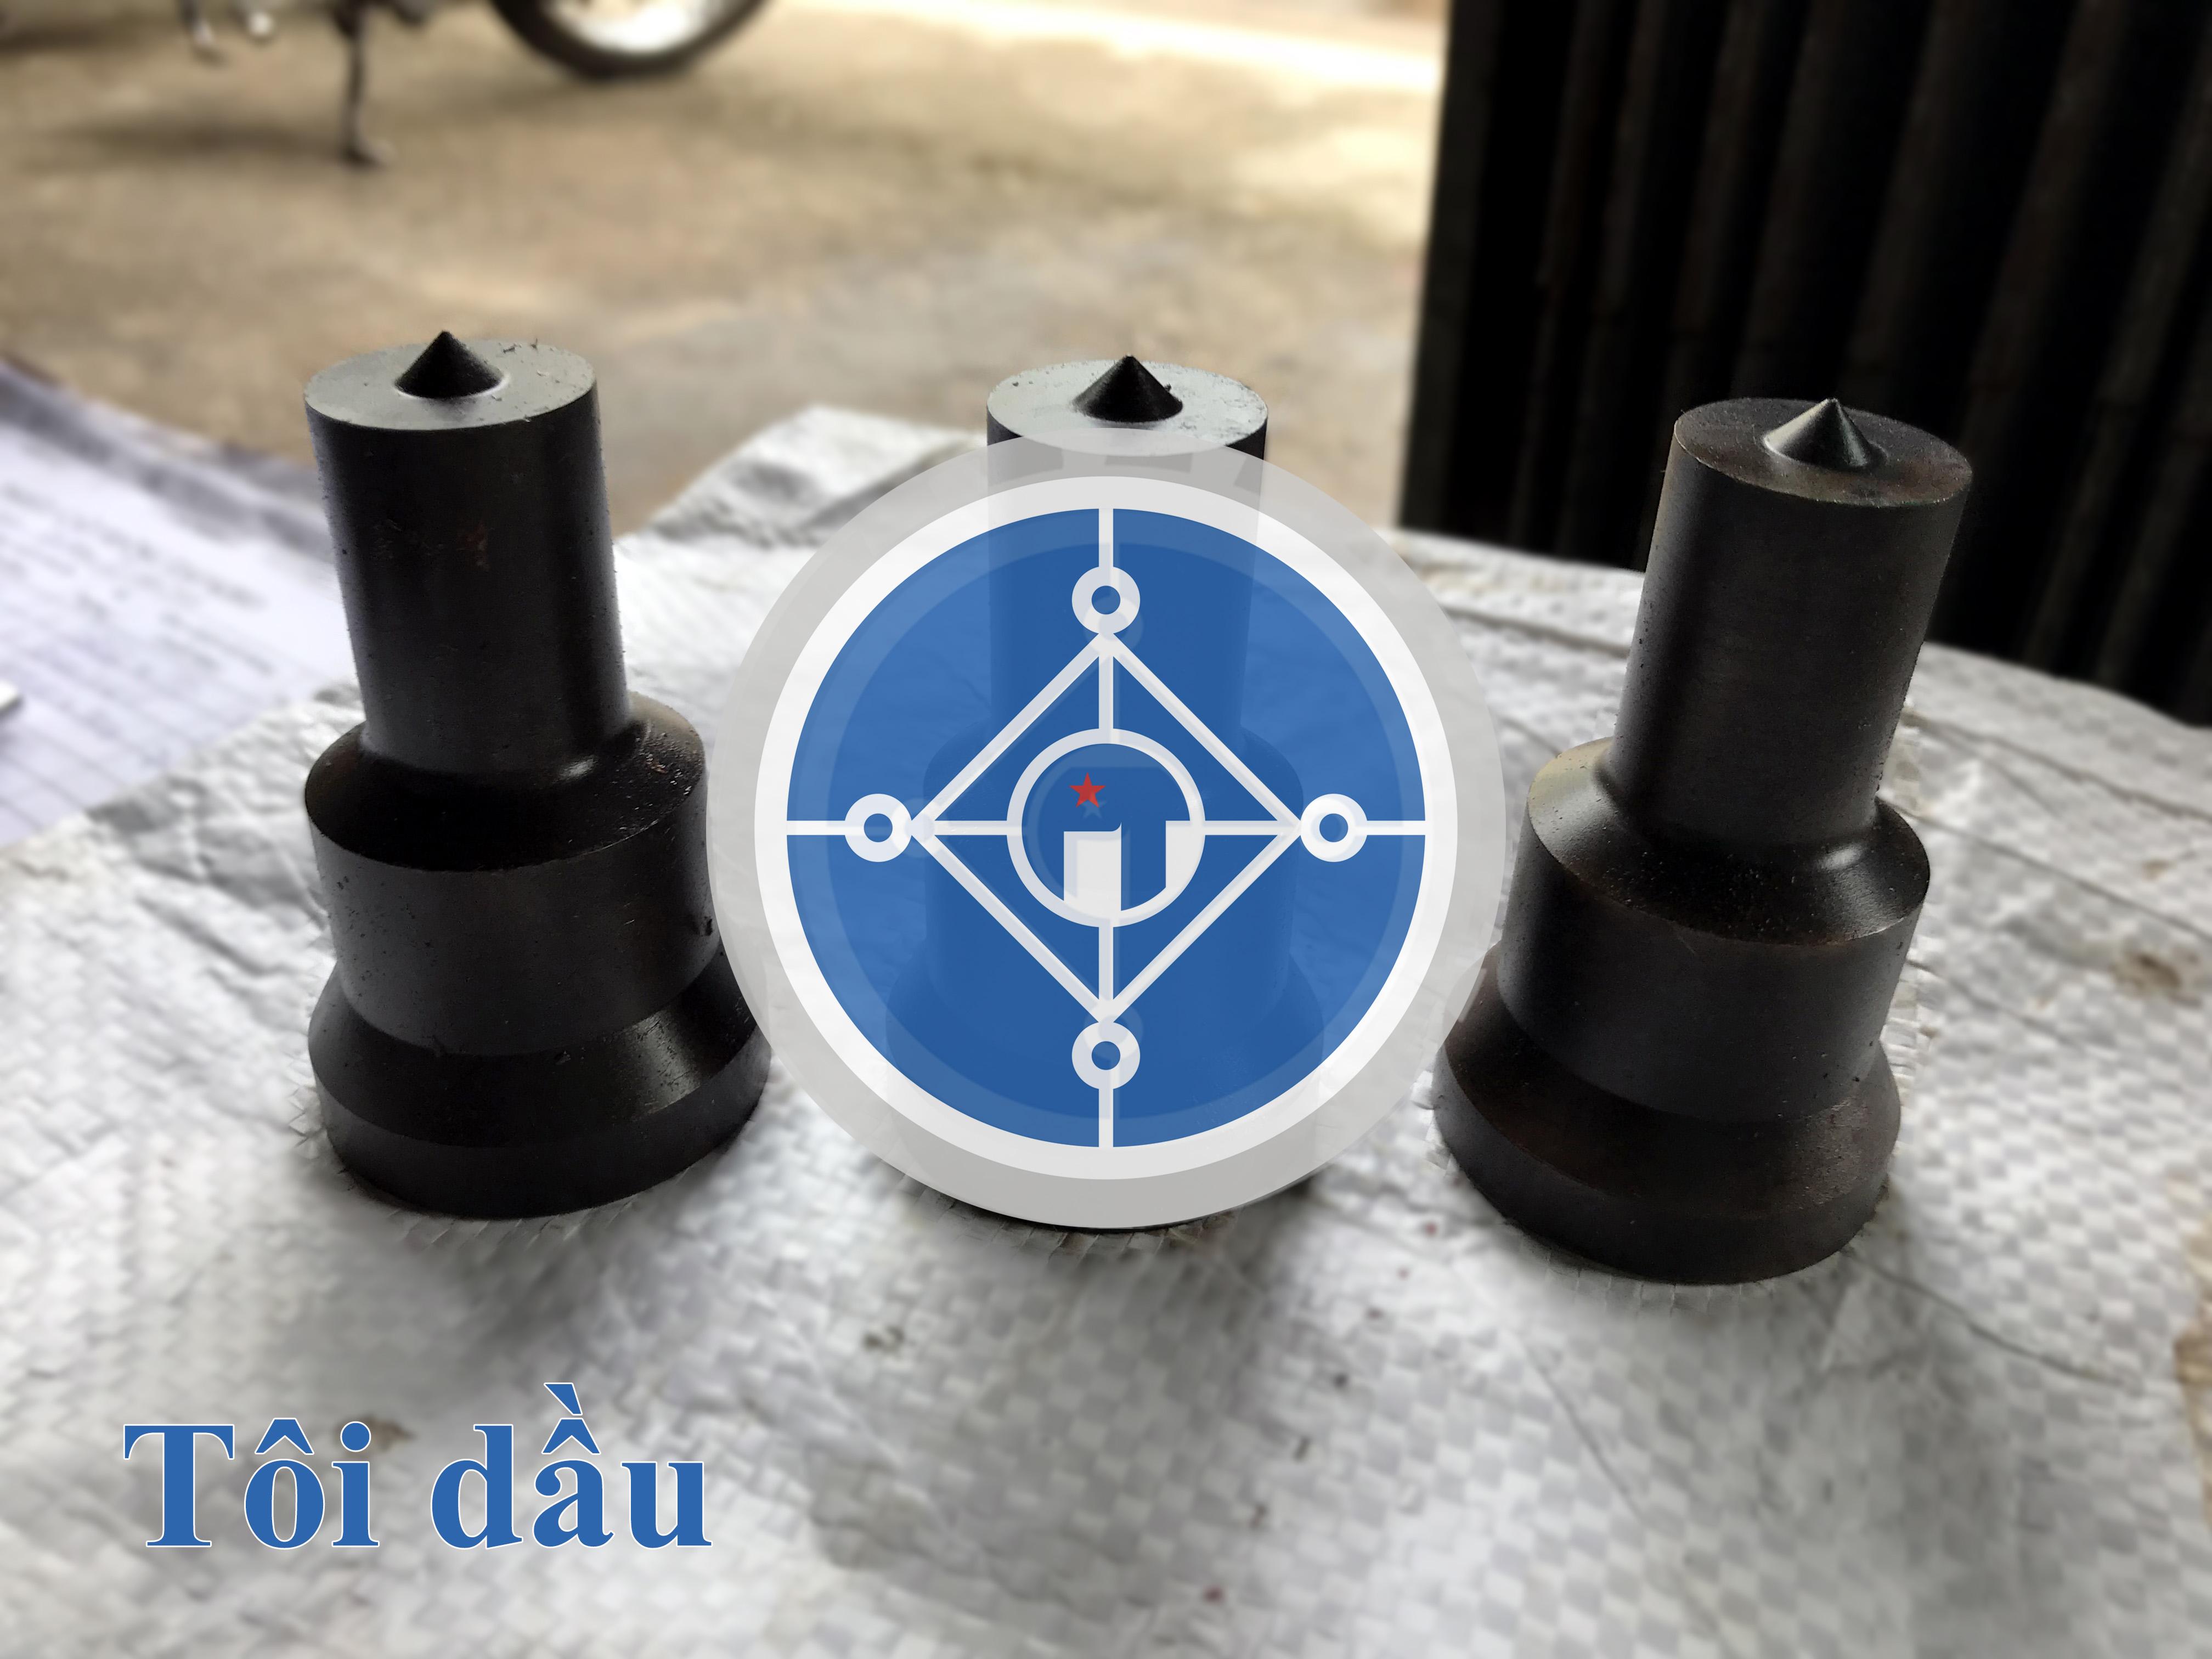 Phương pháp nhiệt luyện thép SKD11 - Tôi dầu